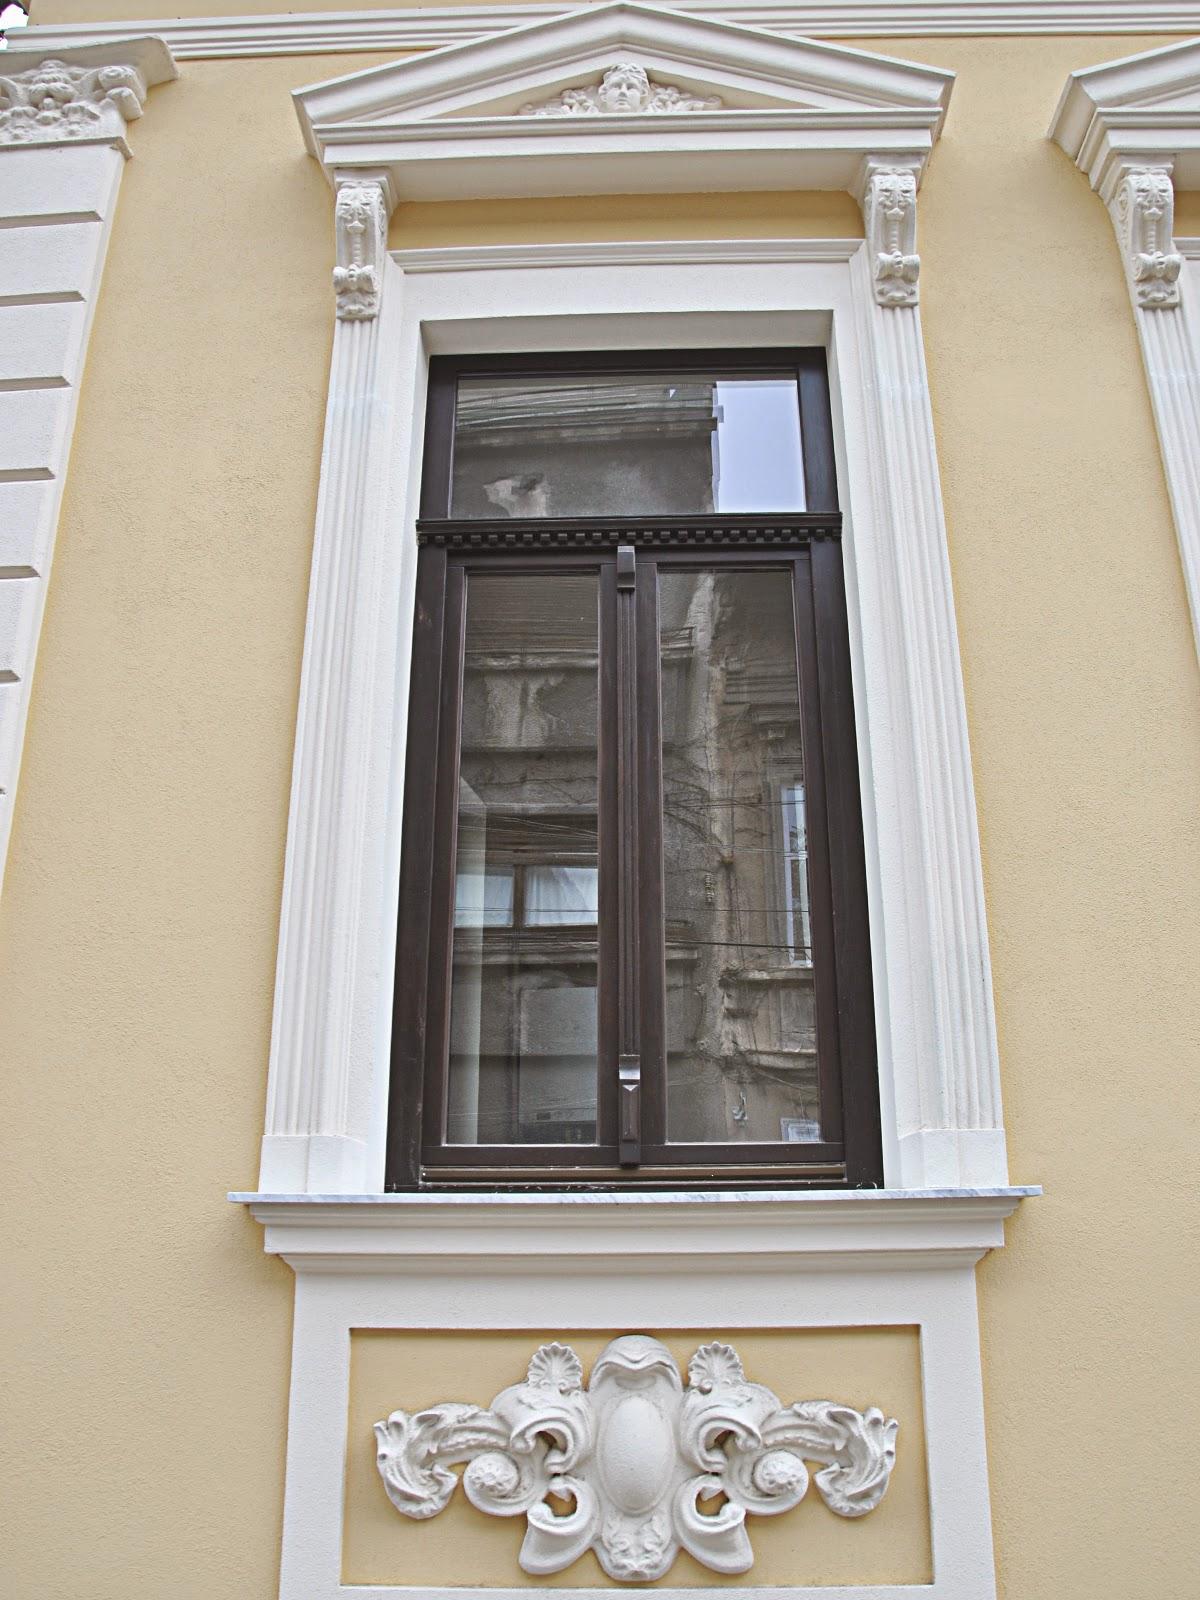 Ferestre Exterior cu Profile Polistiren cu Fronton, Stucaturi Exterior, fatade case